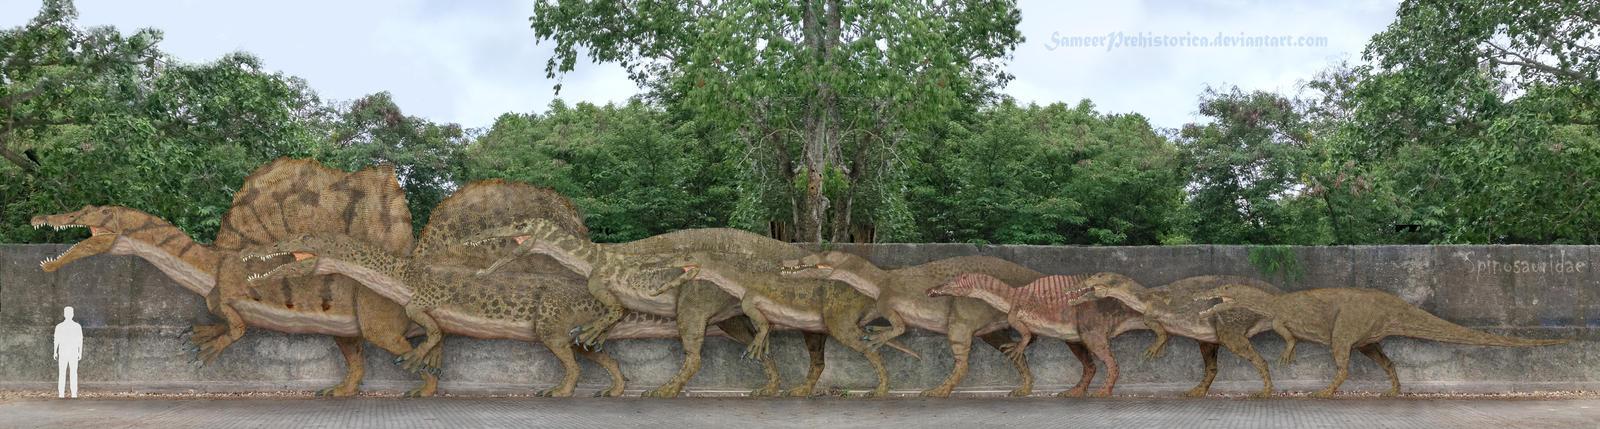 Spinosauridae by SameerPrehistorica